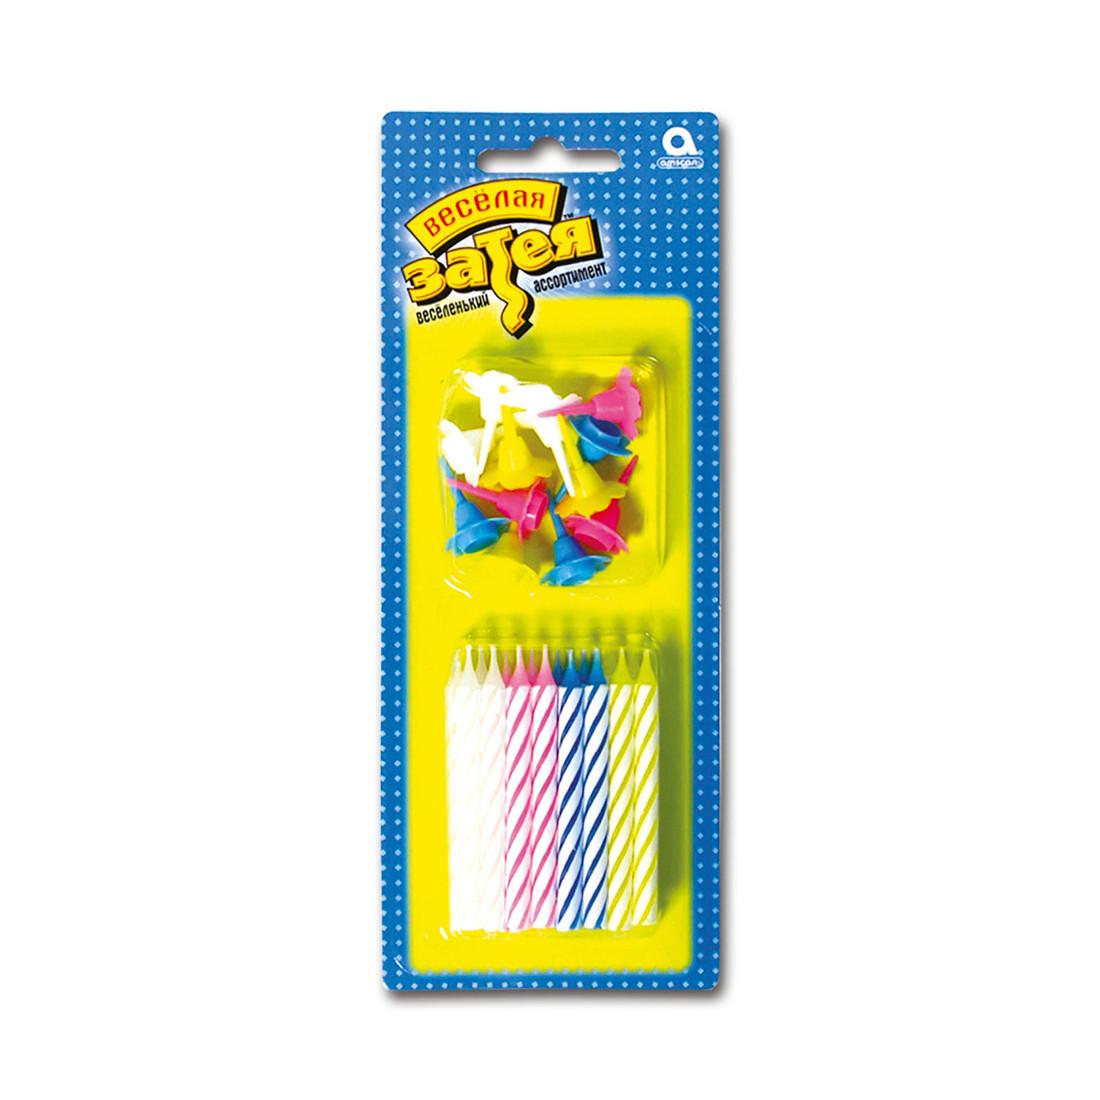 Свечи с подставкой ВЕСЁЛАЯ ЗАТЕЯ 1502-0181 (24 штуки в блистере)